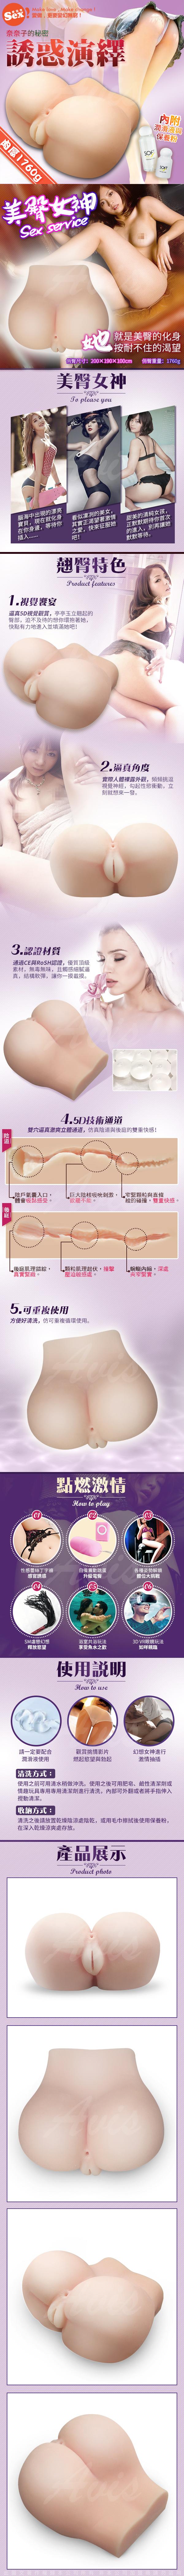 奈奈子的秘密  5D仿真構造私處 雙穴 性感小俏臀 內附潤滑液120ml+保養粉60ml